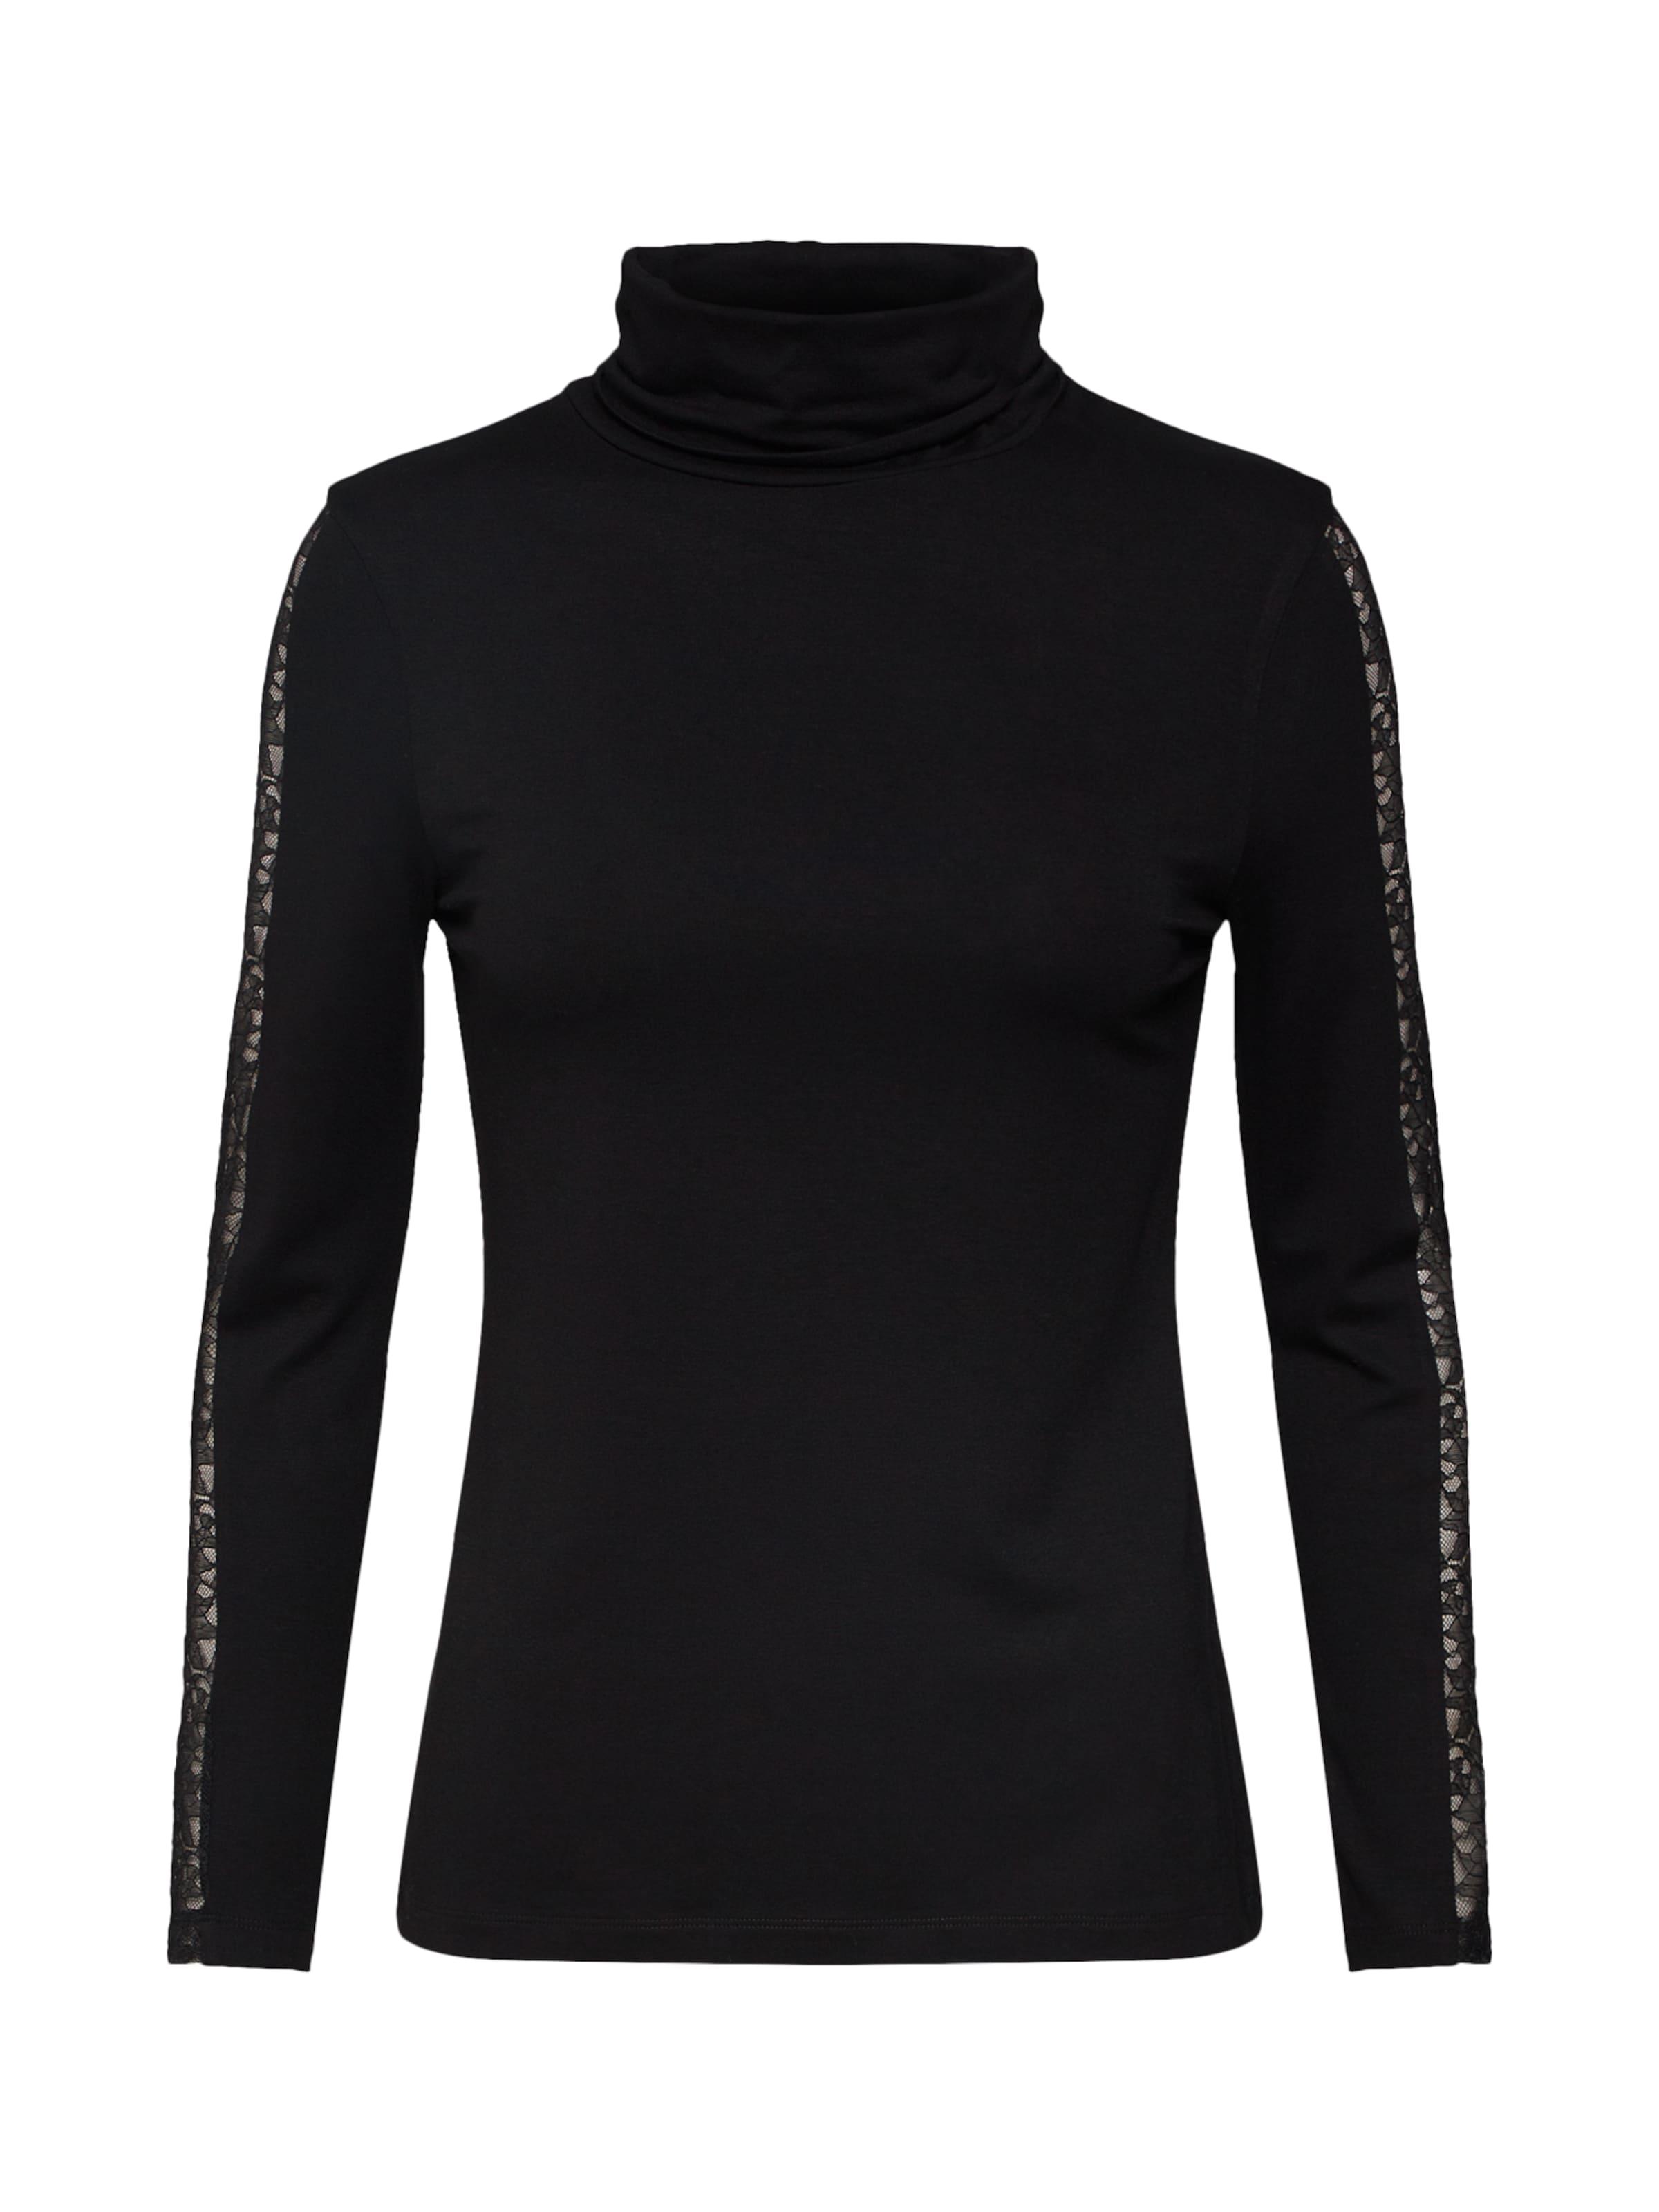 'milana' En You T shirt About Noir CrdBeWQxo